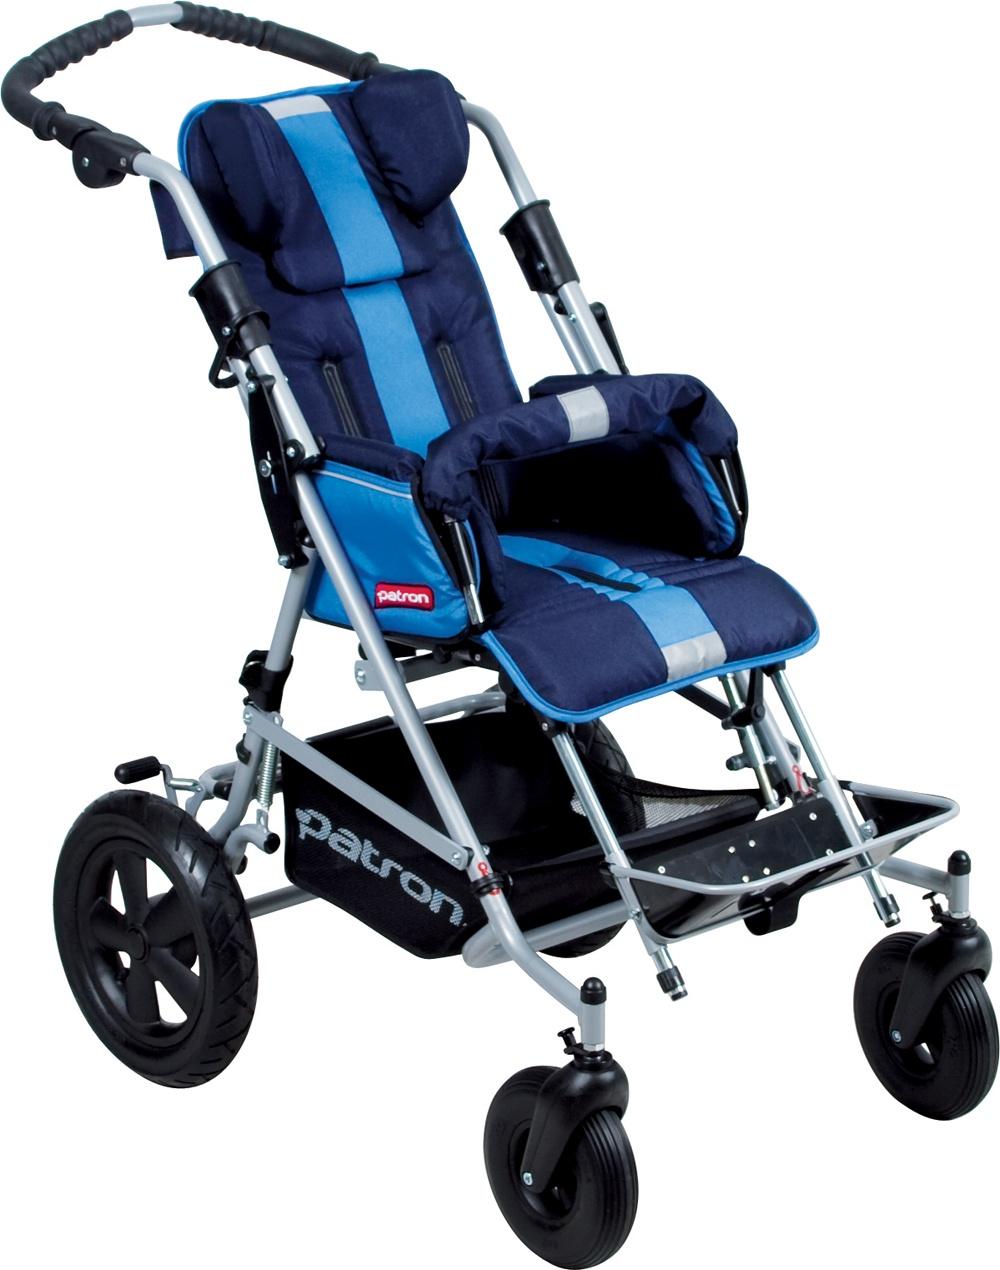 Patron Tom X-Country Wózek inwalidzki specjalny, dziecięcy, spacerowy, spersonizowany, doposażony